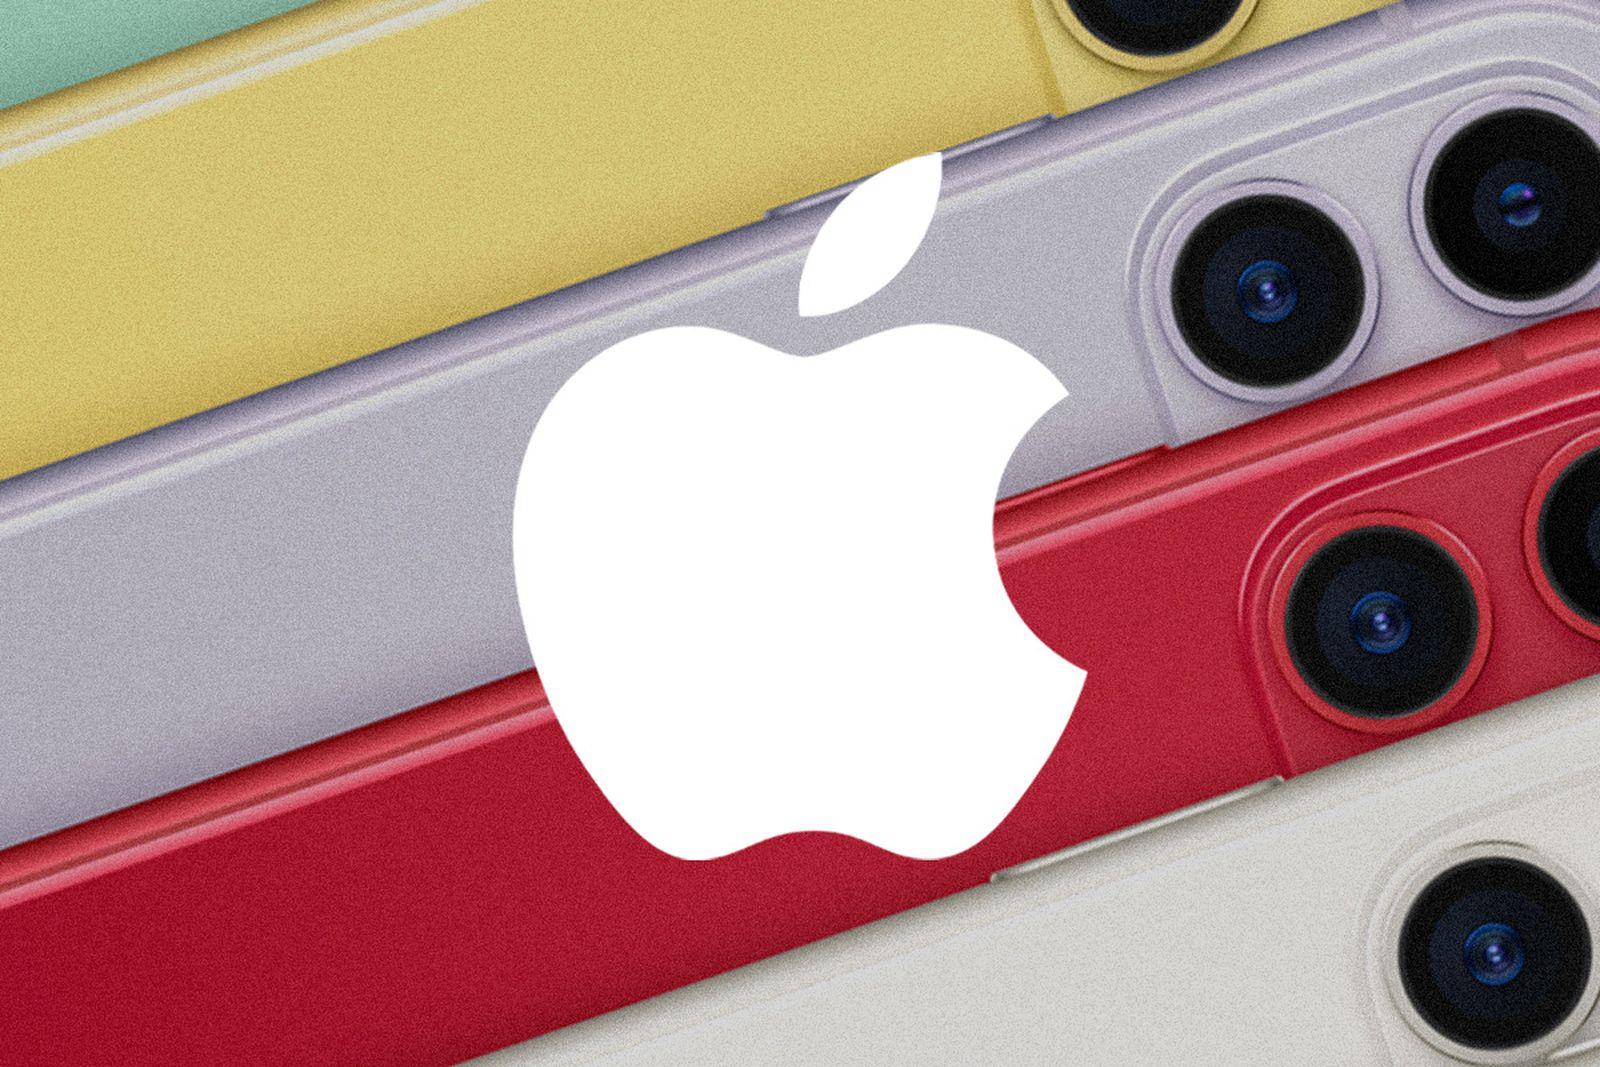 apple-price-leak-main